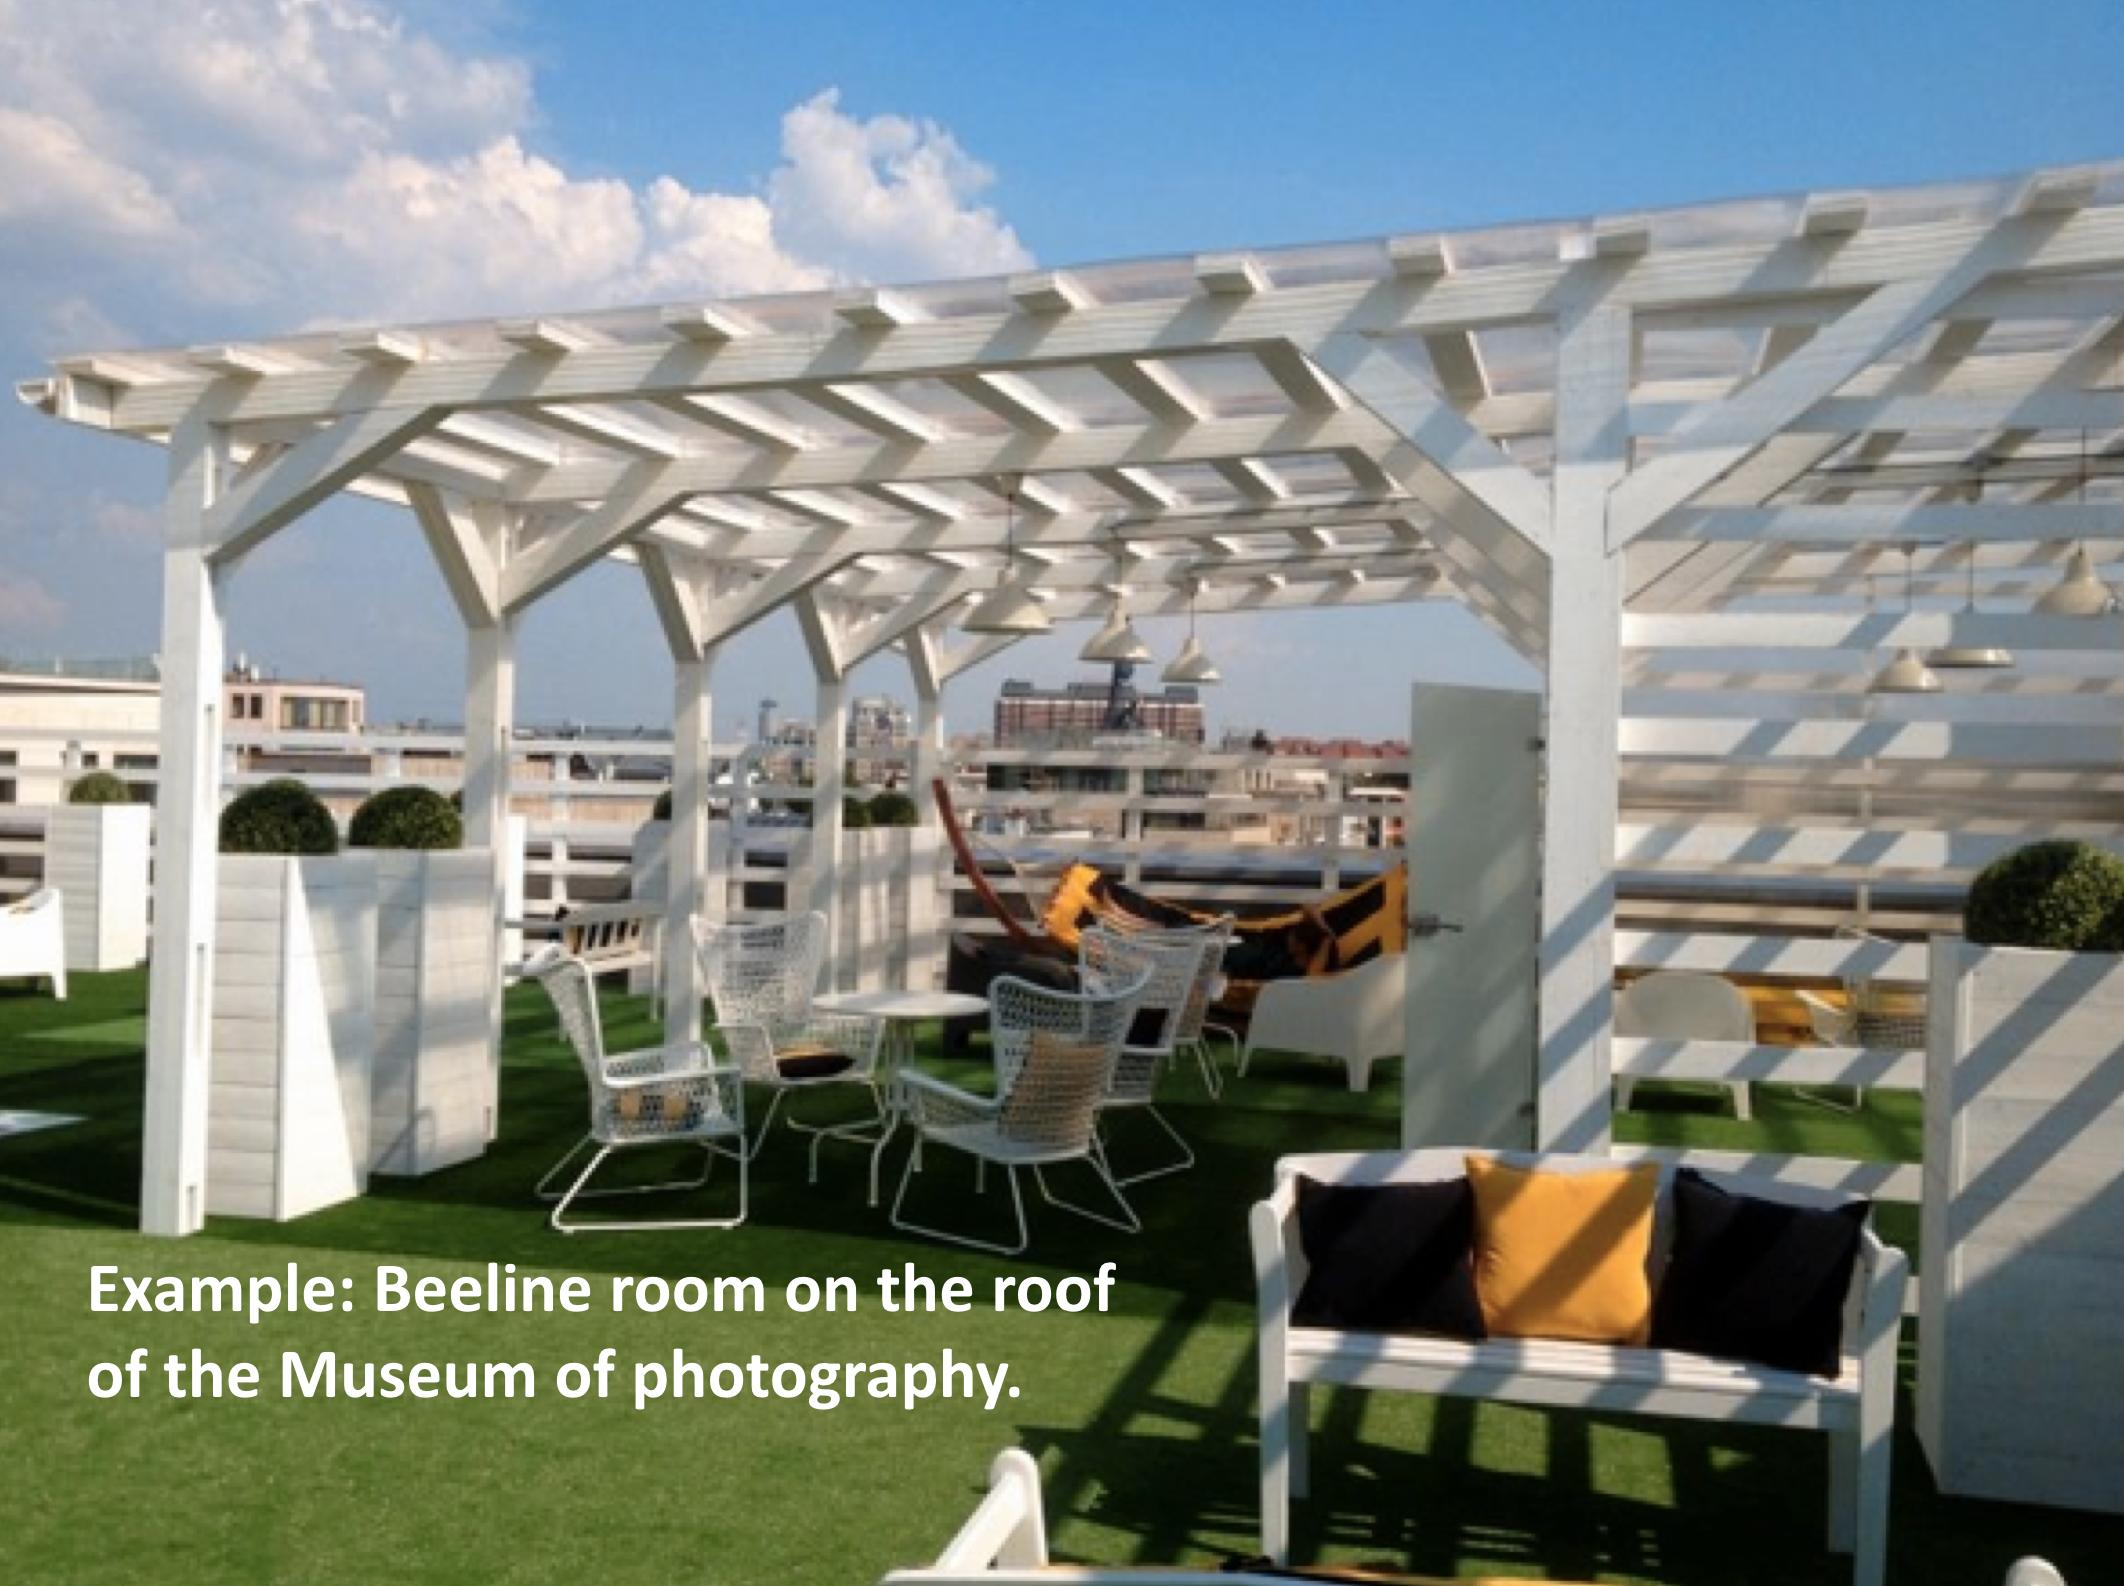 Beeline room on the roof